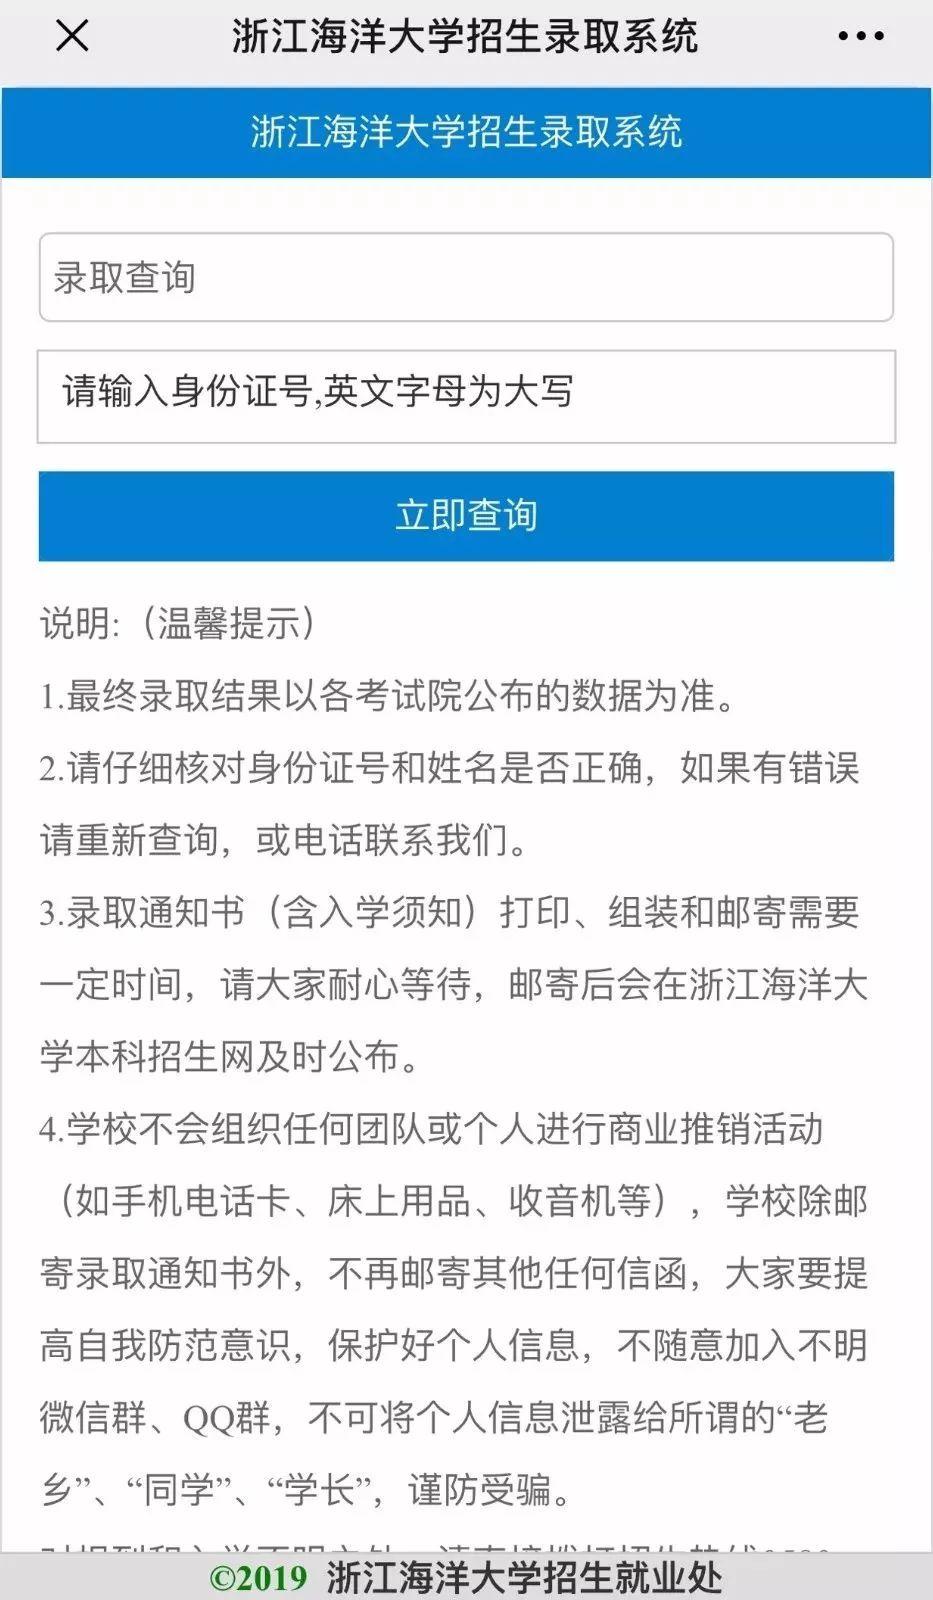 浙江海洋大学2019年提前批预录取可以查询了!黑龙江、吉林、安徽等五省可查!